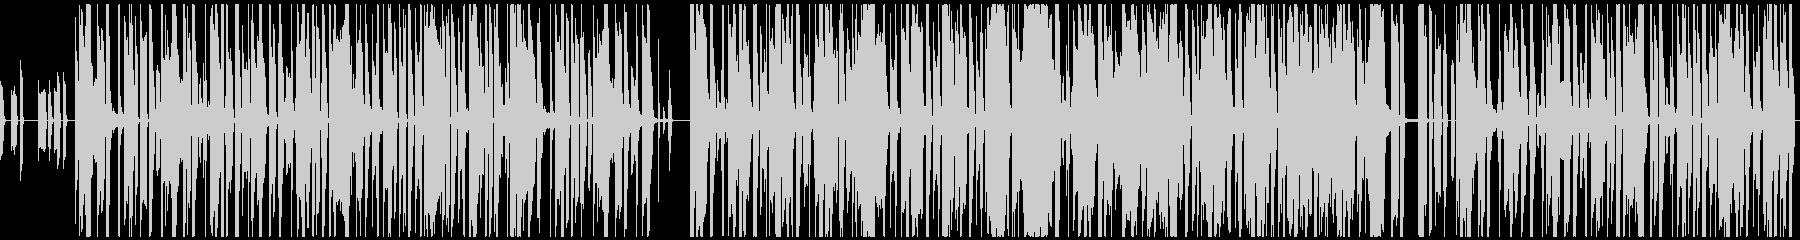 アナログシンセのファンキーなグルーブの未再生の波形